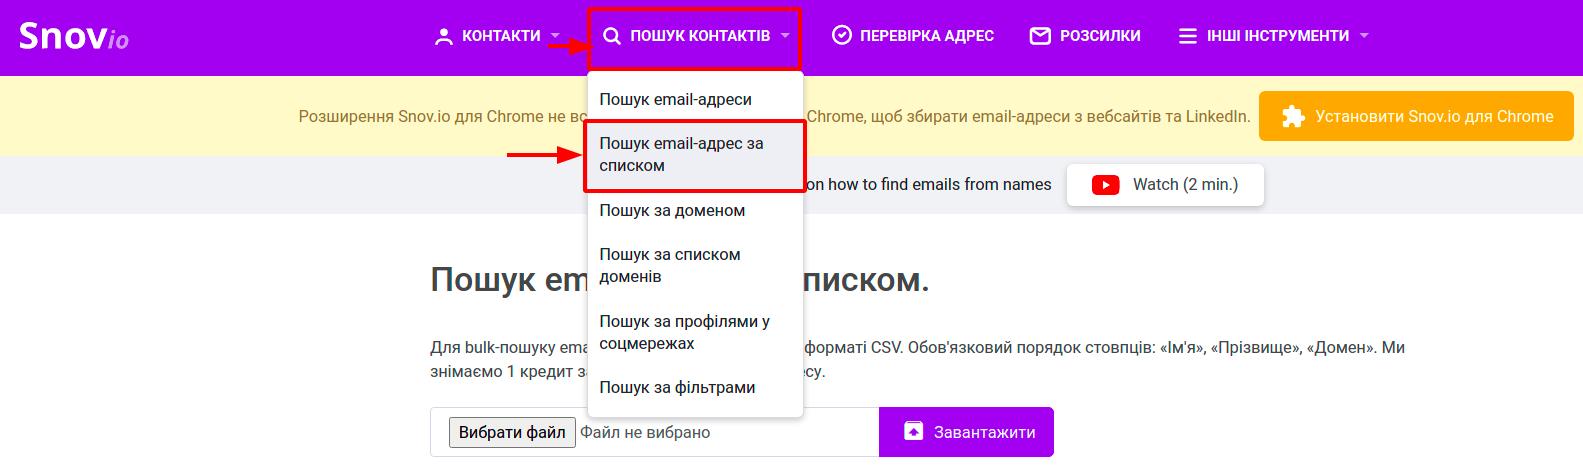 Як отримати email-адреси зі списку імен